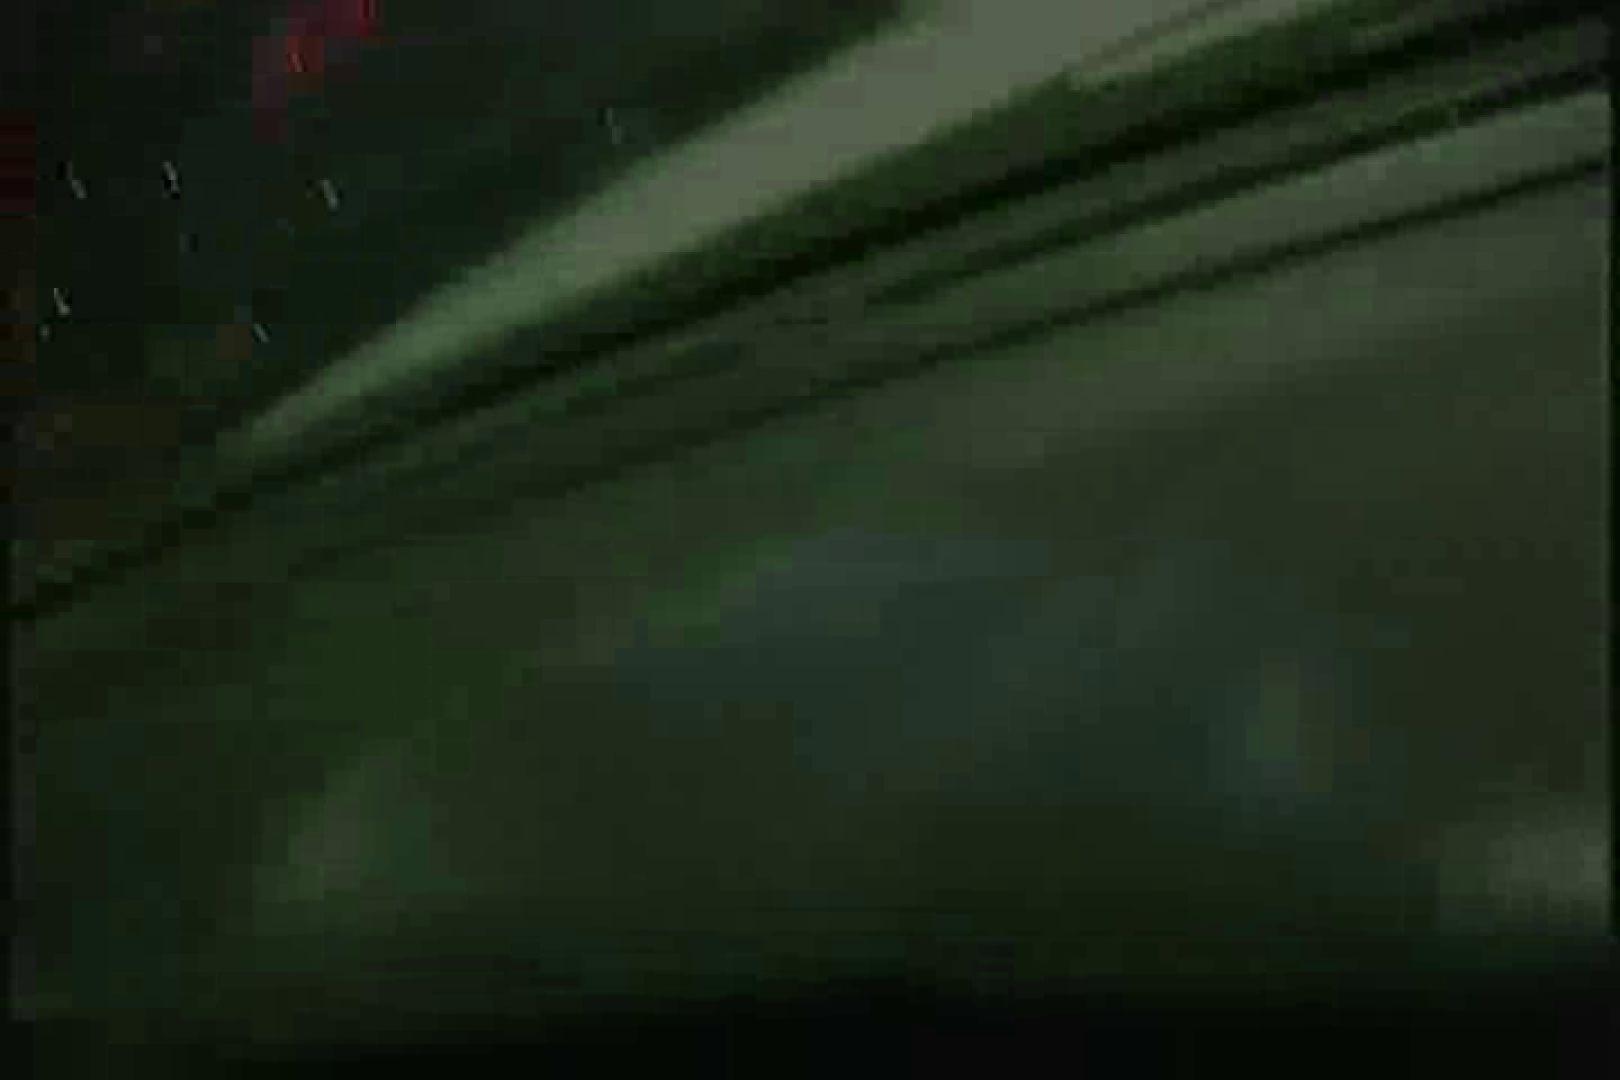 本日の大!!特選Vol.1 OLセックス | 盗撮  53画像 25